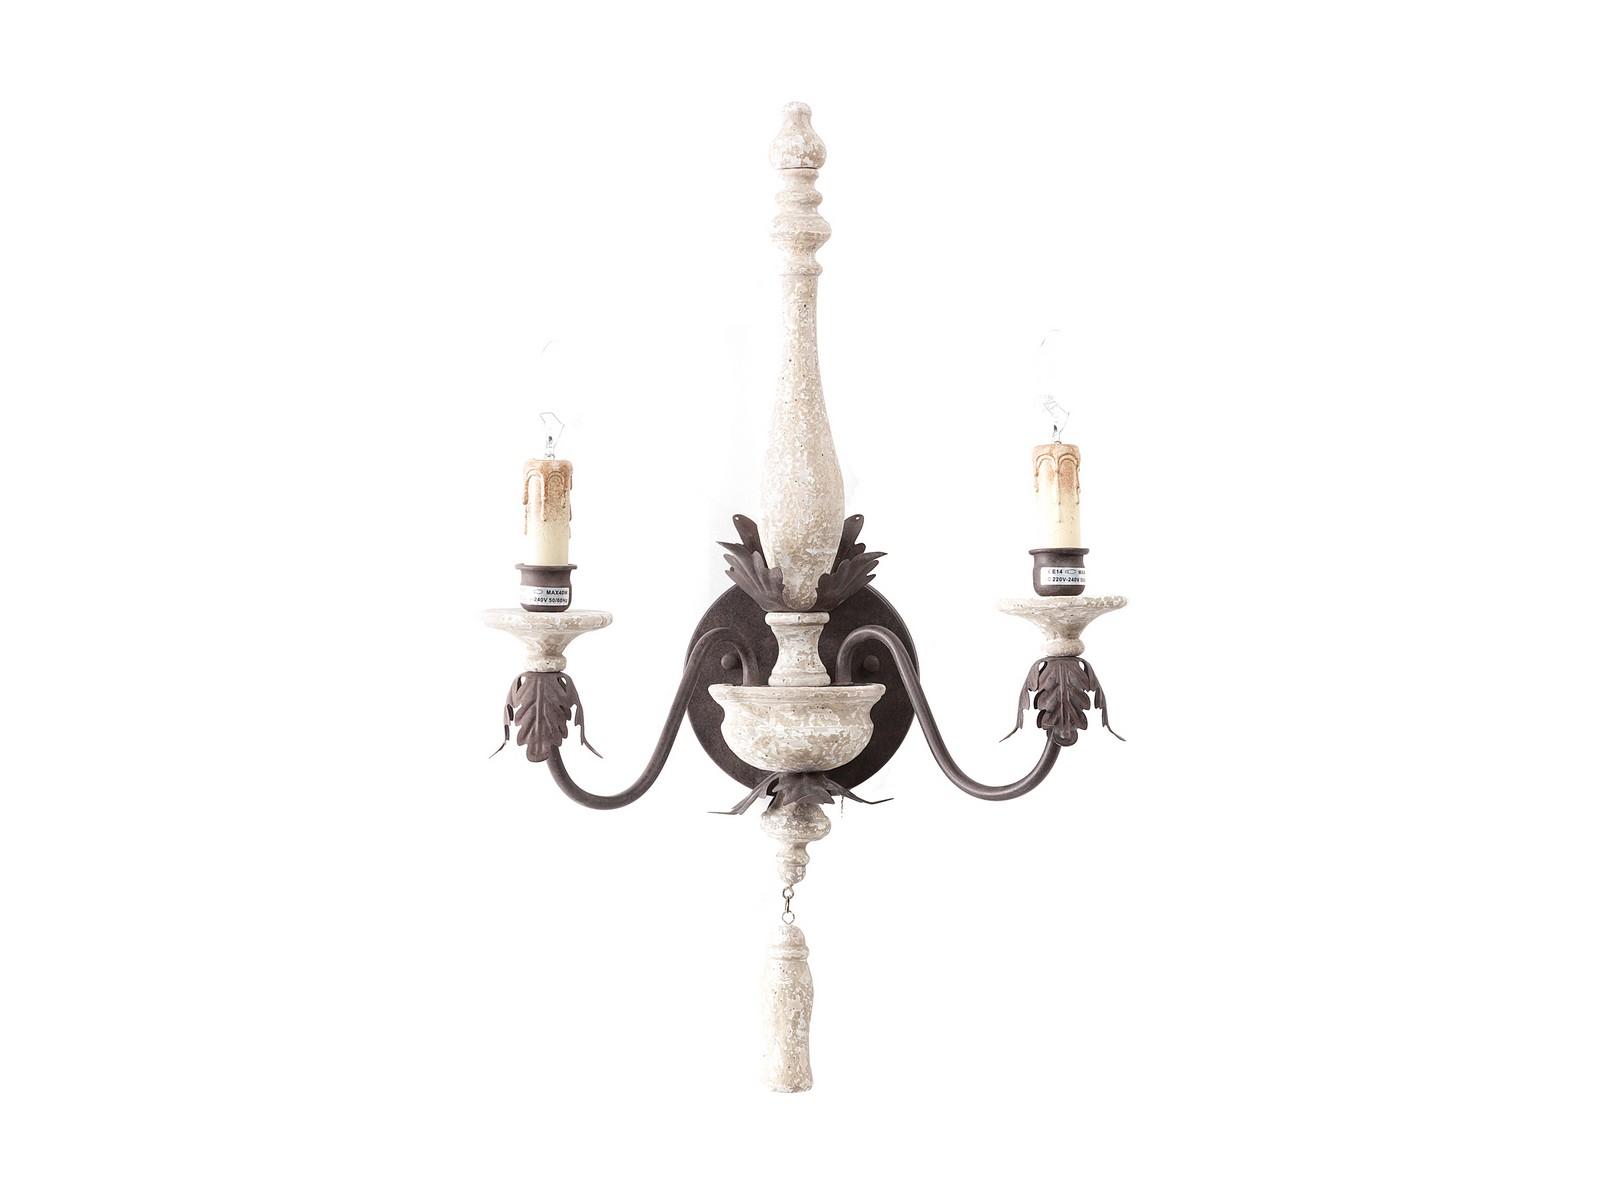 Бра IvengoБра<br>Очень интересное декоративное бра Ivengo прекрасно разместится на стене любого помещения в вашей квартире или доме, подчеркнет декоративные детали, шик и ваш вкус. Вместо обычных ламп накаливания для экономии можно применять компактные люминесцентные лампочки мощностью 10-14 Ватт или светодиодные на 5-7 Ватт. При помощи этого обворожительного настенного светильника можно замечательно осветить часть вашего помещения приблизительно в 6-8 кв.м.&amp;lt;div&amp;gt;&amp;lt;br&amp;gt;&amp;lt;/div&amp;gt;&amp;lt;div&amp;gt;&amp;lt;div&amp;gt;Вид цоколя: Е14&amp;lt;/div&amp;gt;&amp;lt;div&amp;gt;Мощность лампы: 40W&amp;lt;/div&amp;gt;&amp;lt;div&amp;gt;Количество ламп: 2&amp;lt;/div&amp;gt;&amp;lt;div&amp;gt;Наличие ламп: нет&amp;lt;/div&amp;gt;&amp;lt;/div&amp;gt;<br><br>Material: Металл